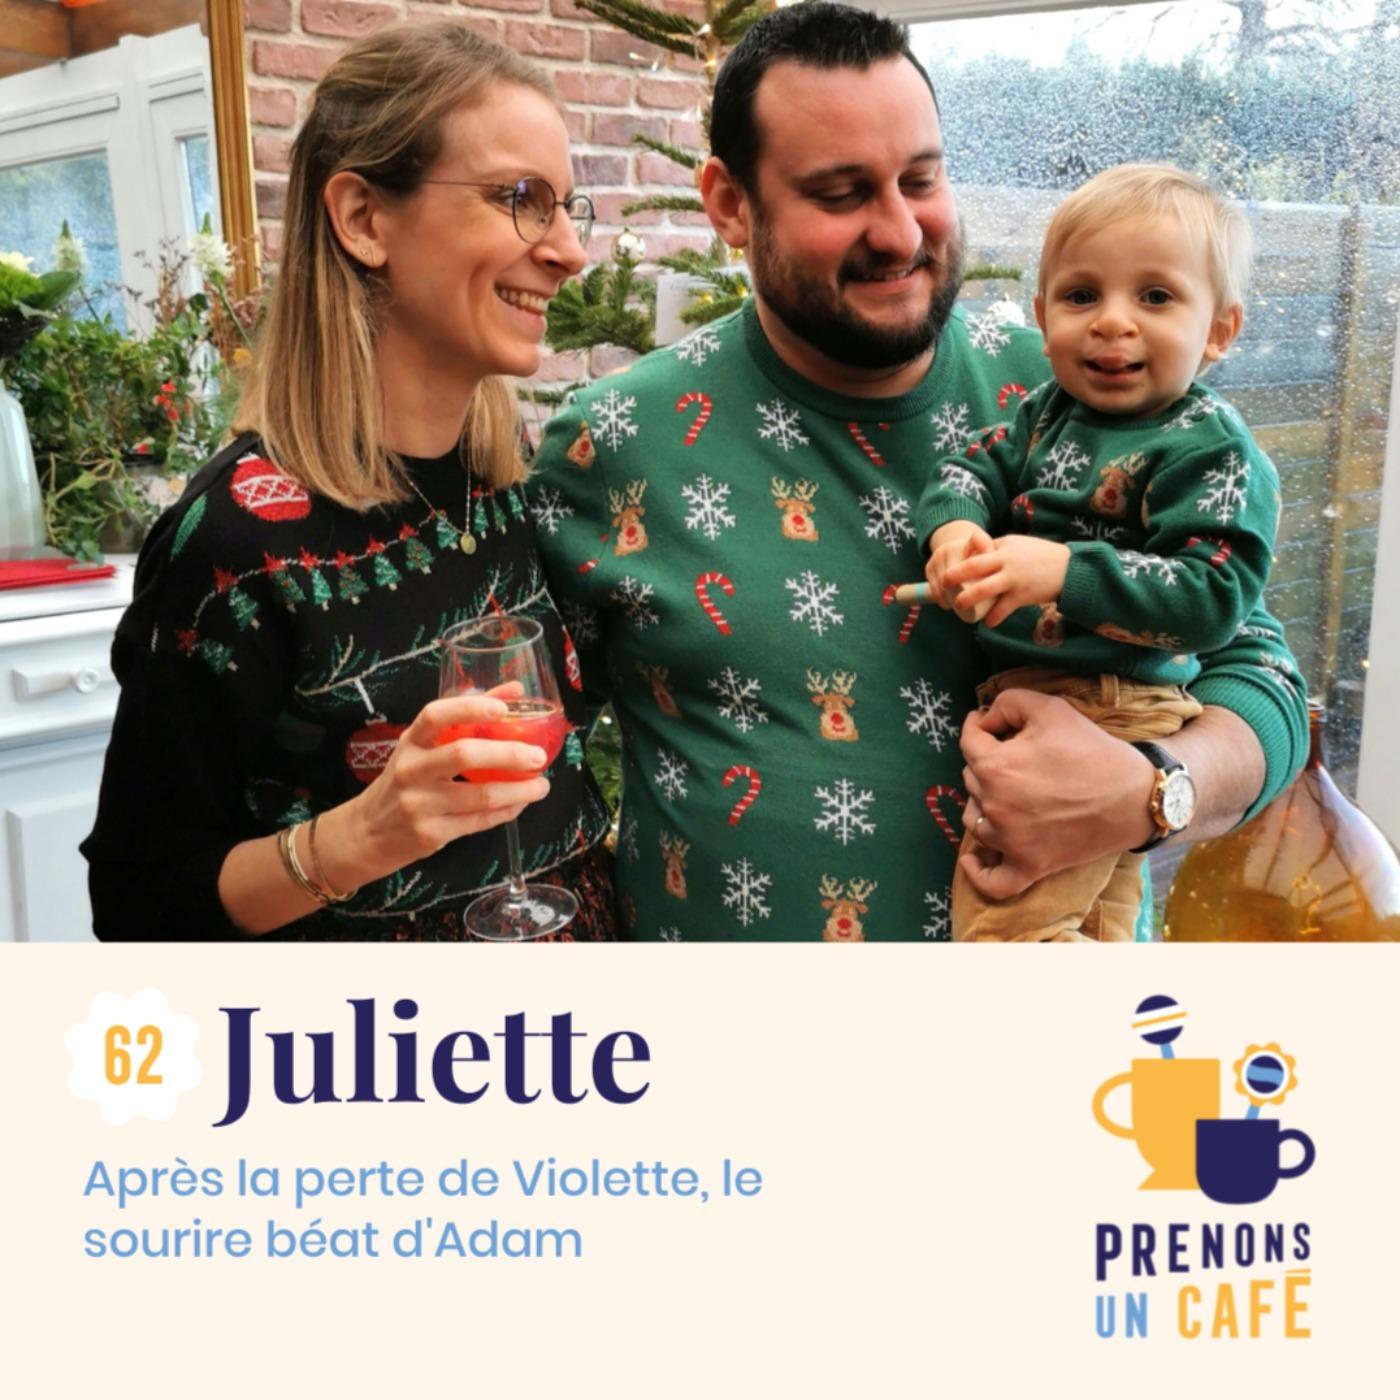 #62 - Juliette - Après la perte de Violette, le sourire béat d'Adam